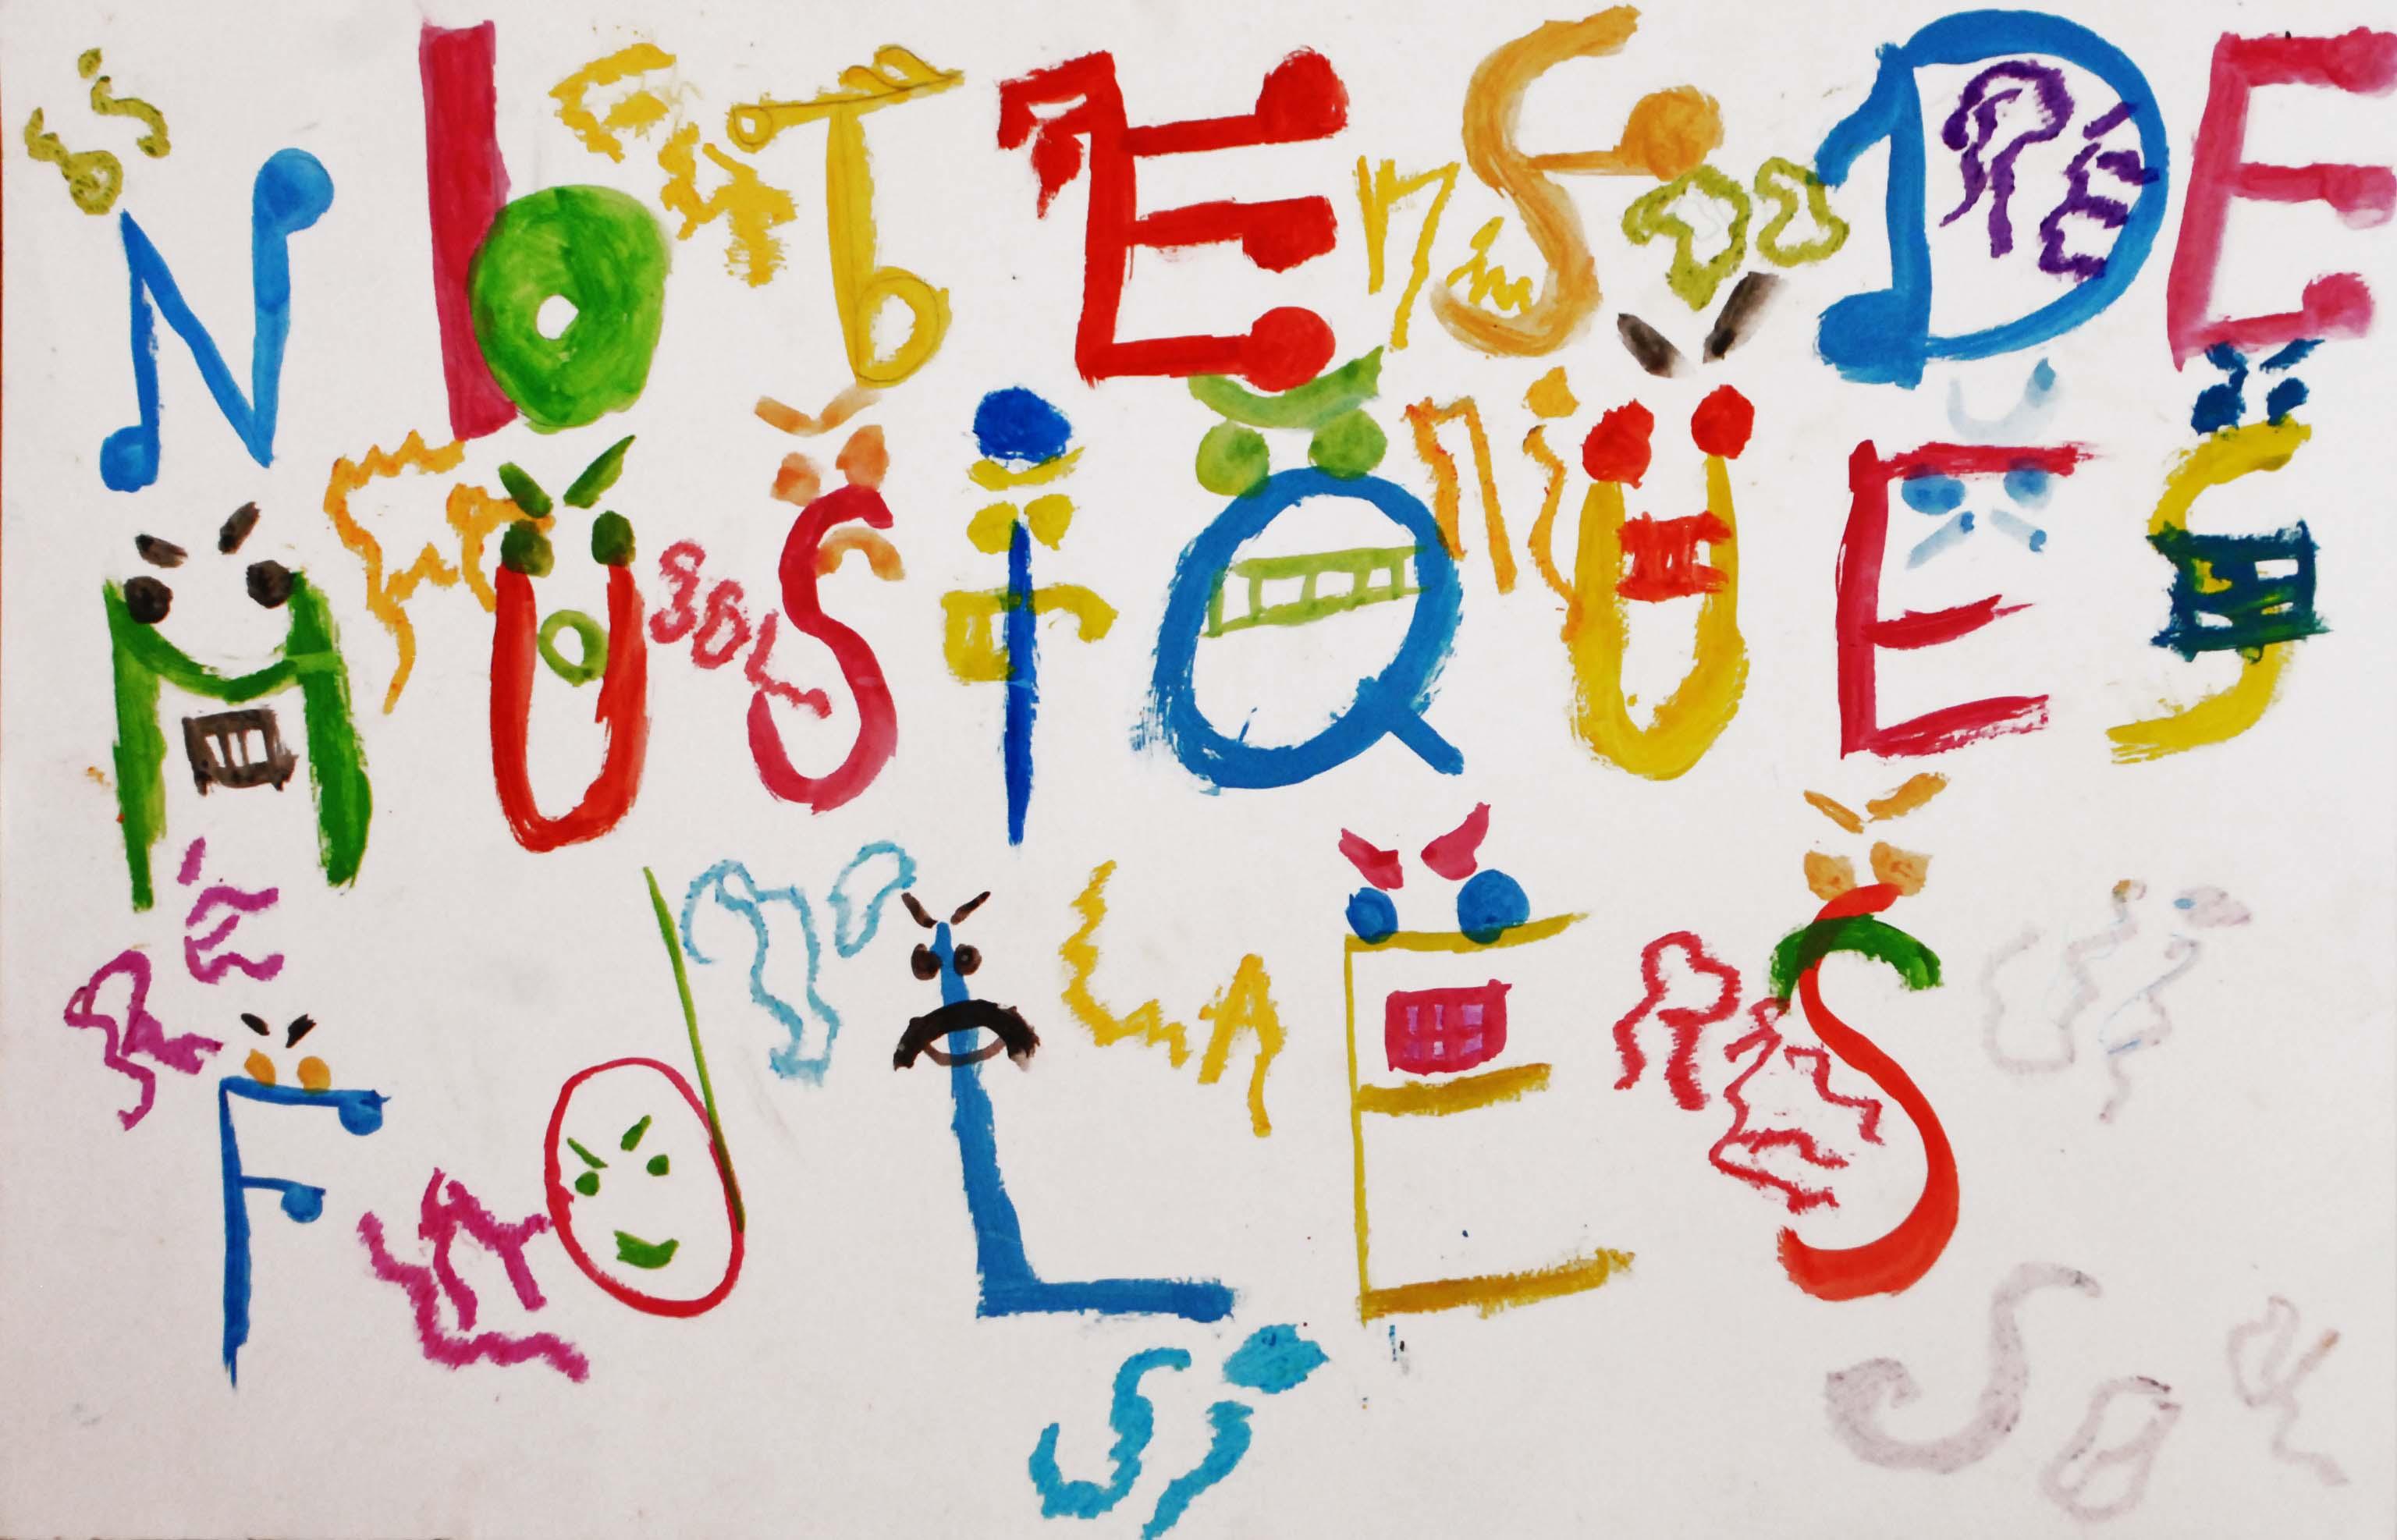 Les notes de musique folles (Ecole Lakanal)